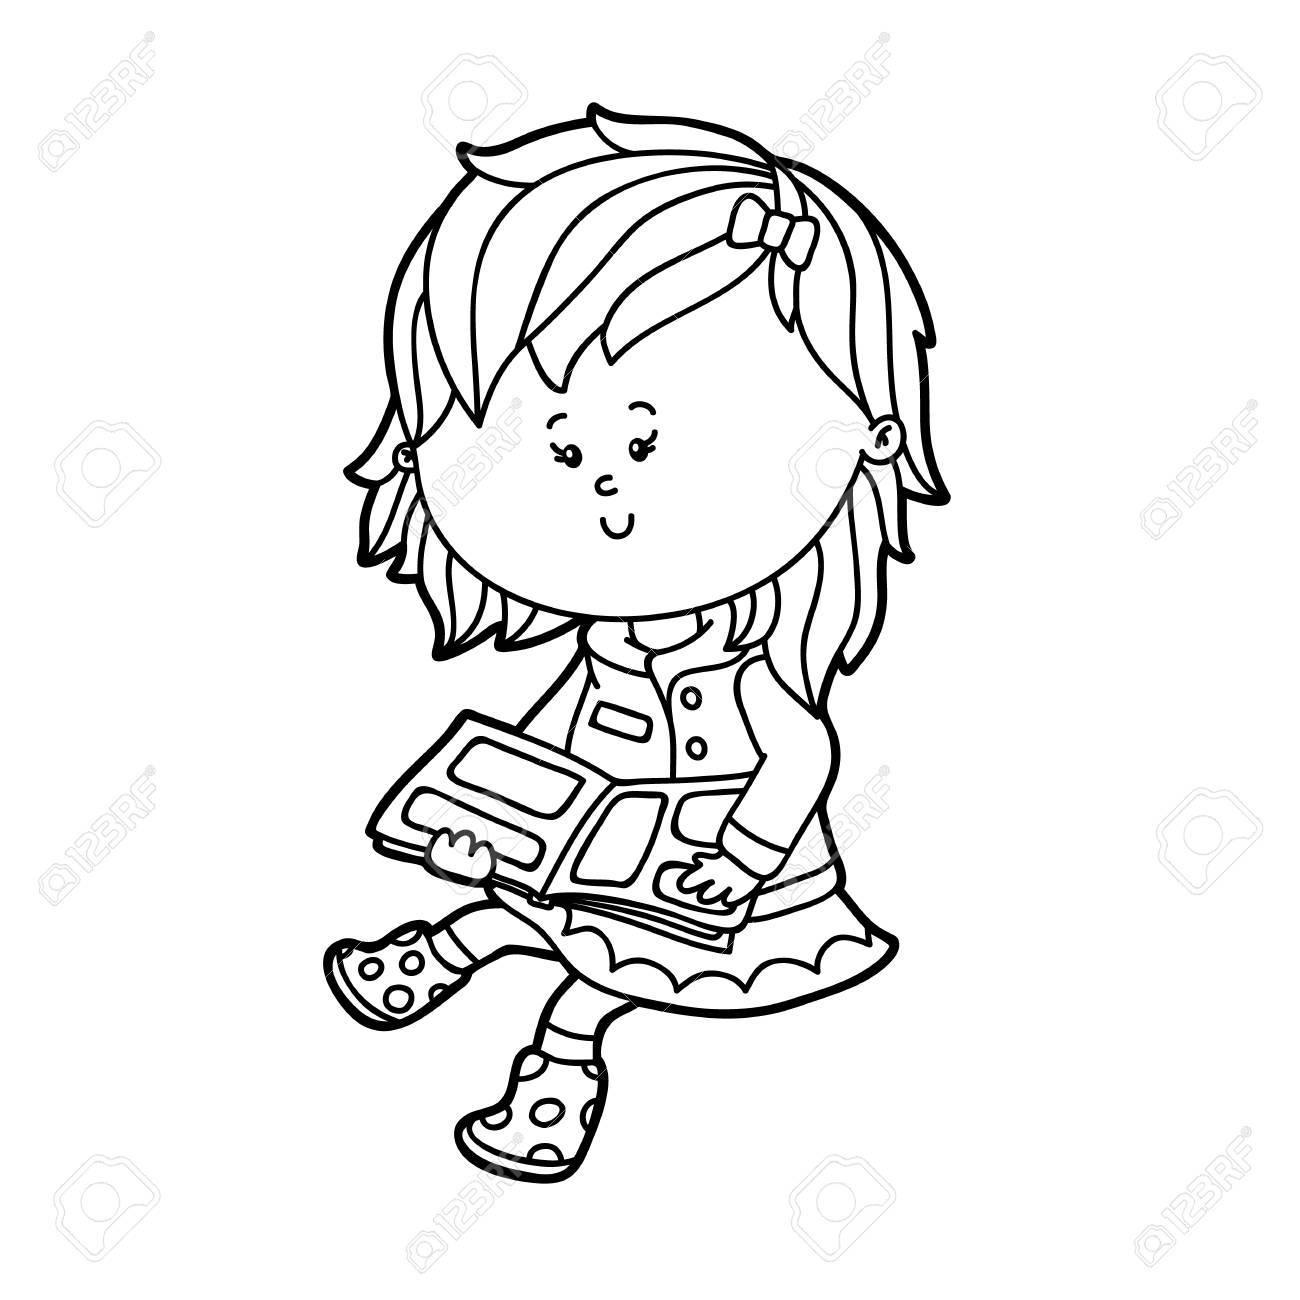 Ilustracion Del Vector Del Caracter Lindo Nina De Dibujos Animados